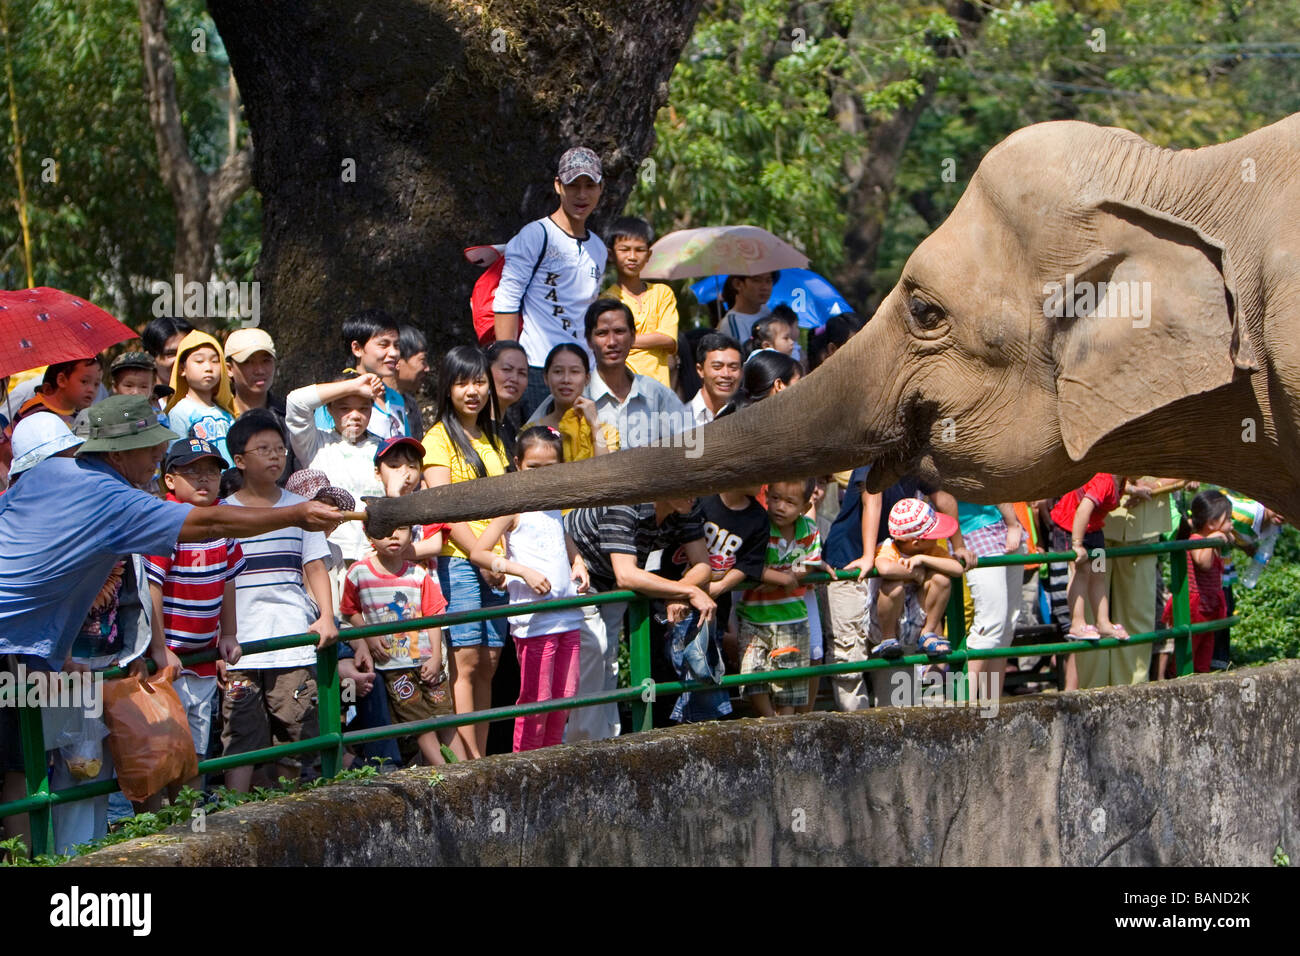 Besucher feed Zuckerrohr, eines asiatischen Elefanten im Saigon Zoo und botanische Gärten in Ho-Chi-Minh-Stadt Stockbild